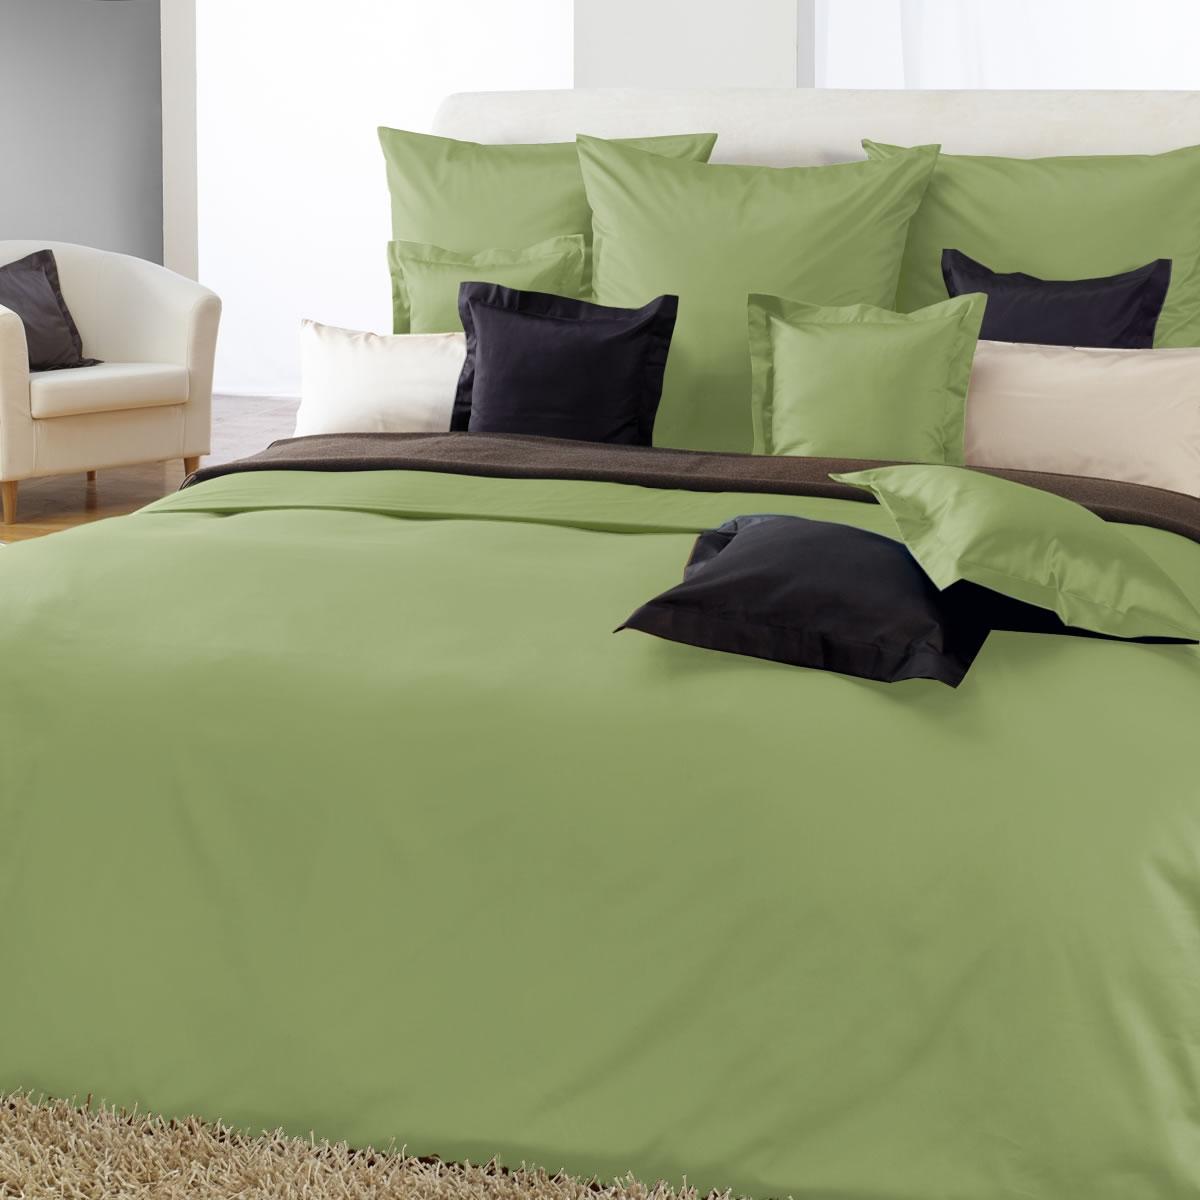 curt bauer uni mako satin bettw sche in 200x200 cm kissenbezug 100 baumwolle ebay. Black Bedroom Furniture Sets. Home Design Ideas